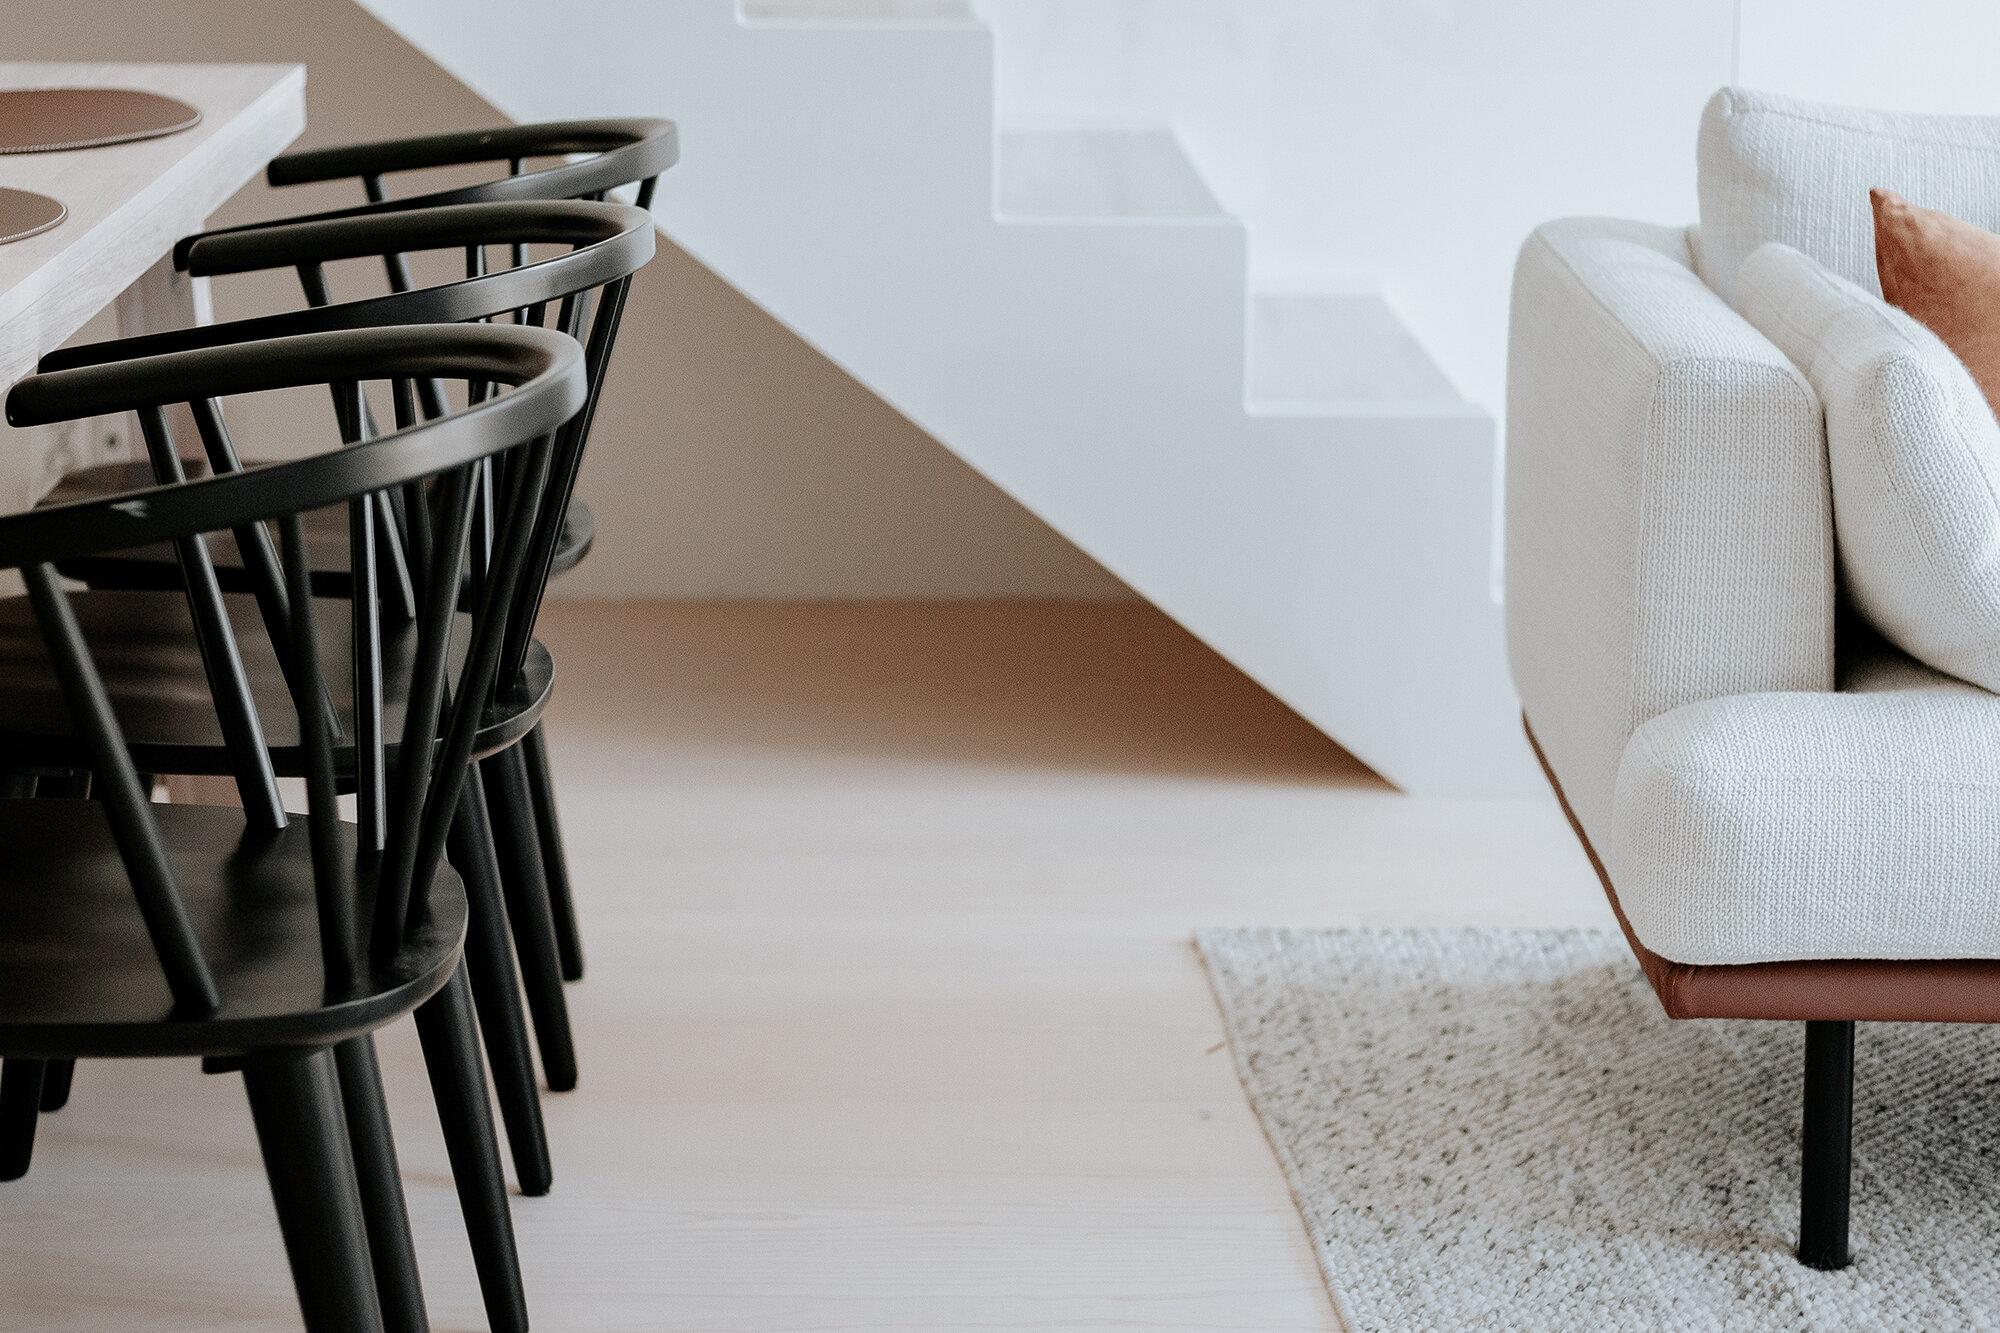 Höstens snyggaste bordsdekorationer av udda vaser | DIY bordsdekoration | Scandi interior By Sandramaria